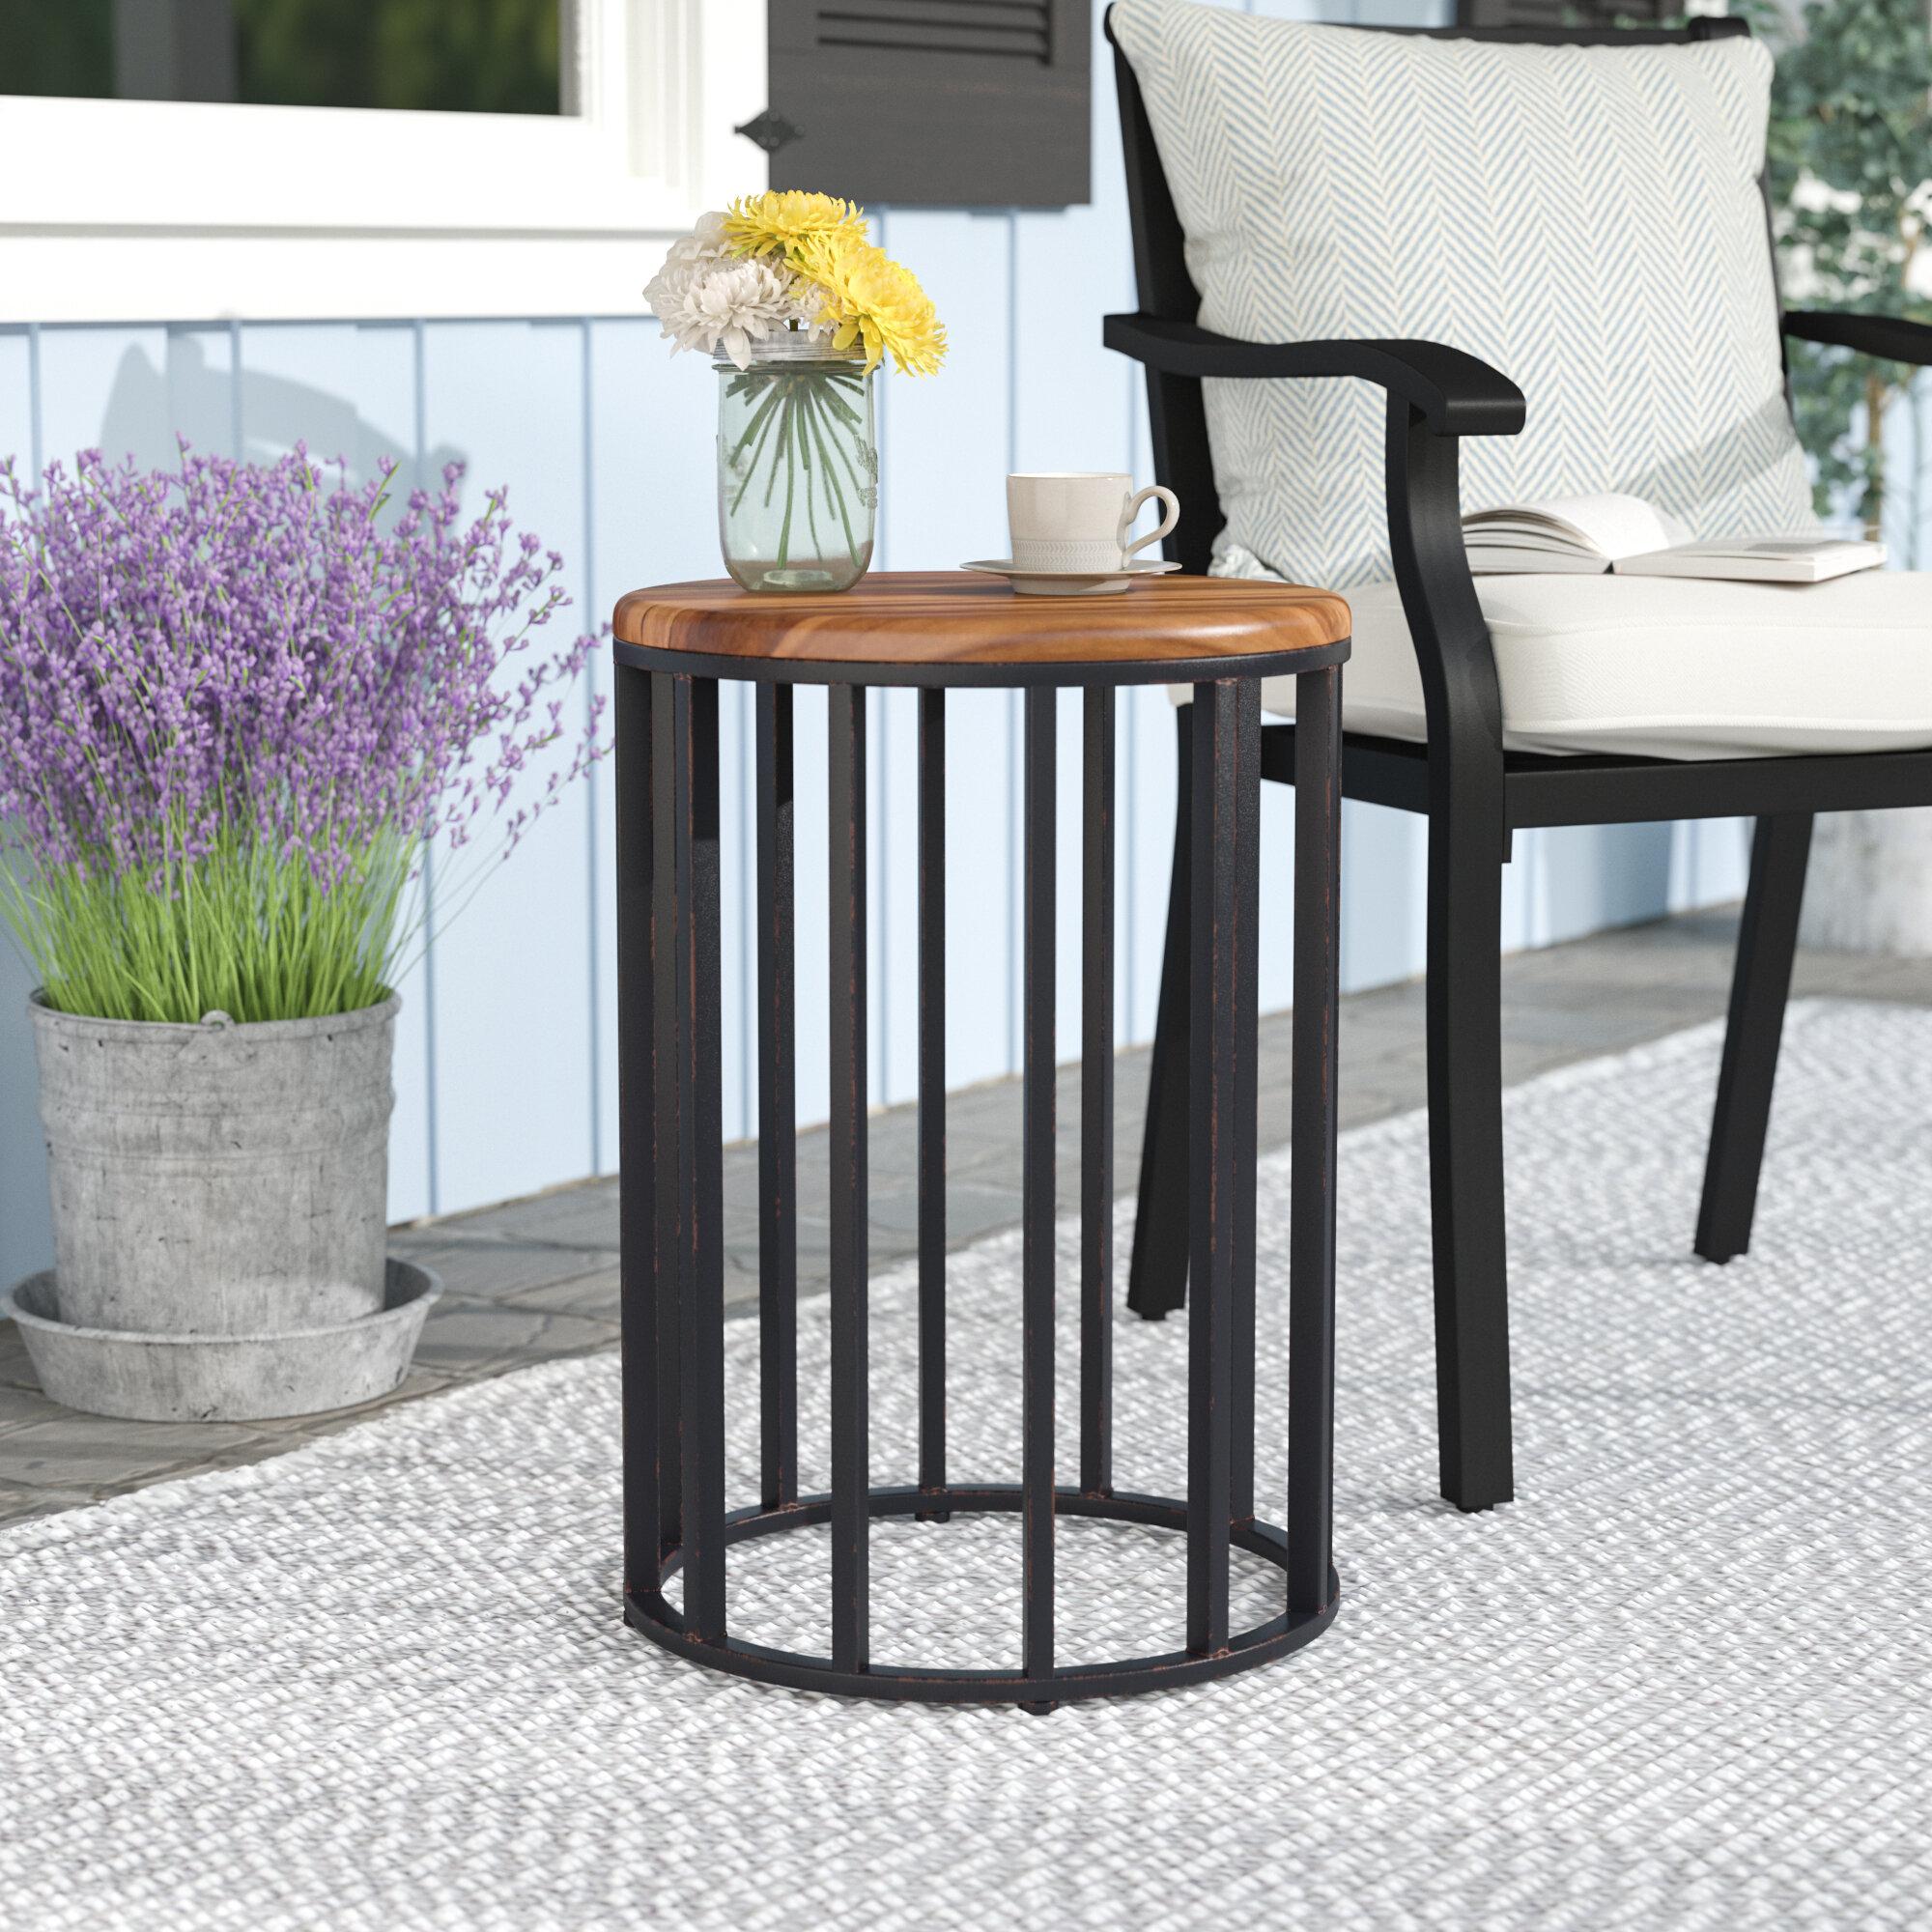 wayfair home table side kastner metal pdx charlton outdoor reviews